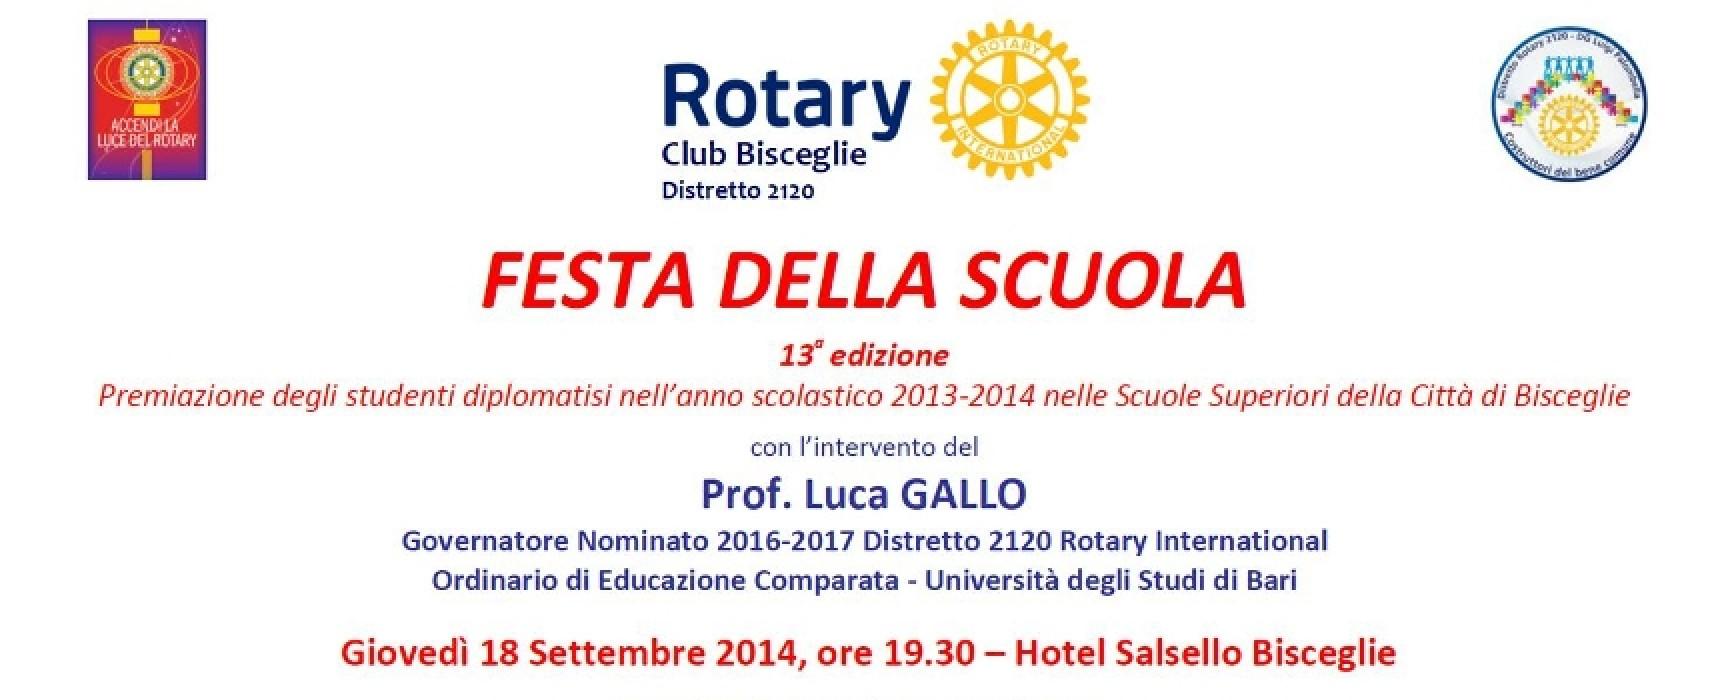 Festa della Scuola, il Rotary Club Bisceglie presenta la tredicesima edizione